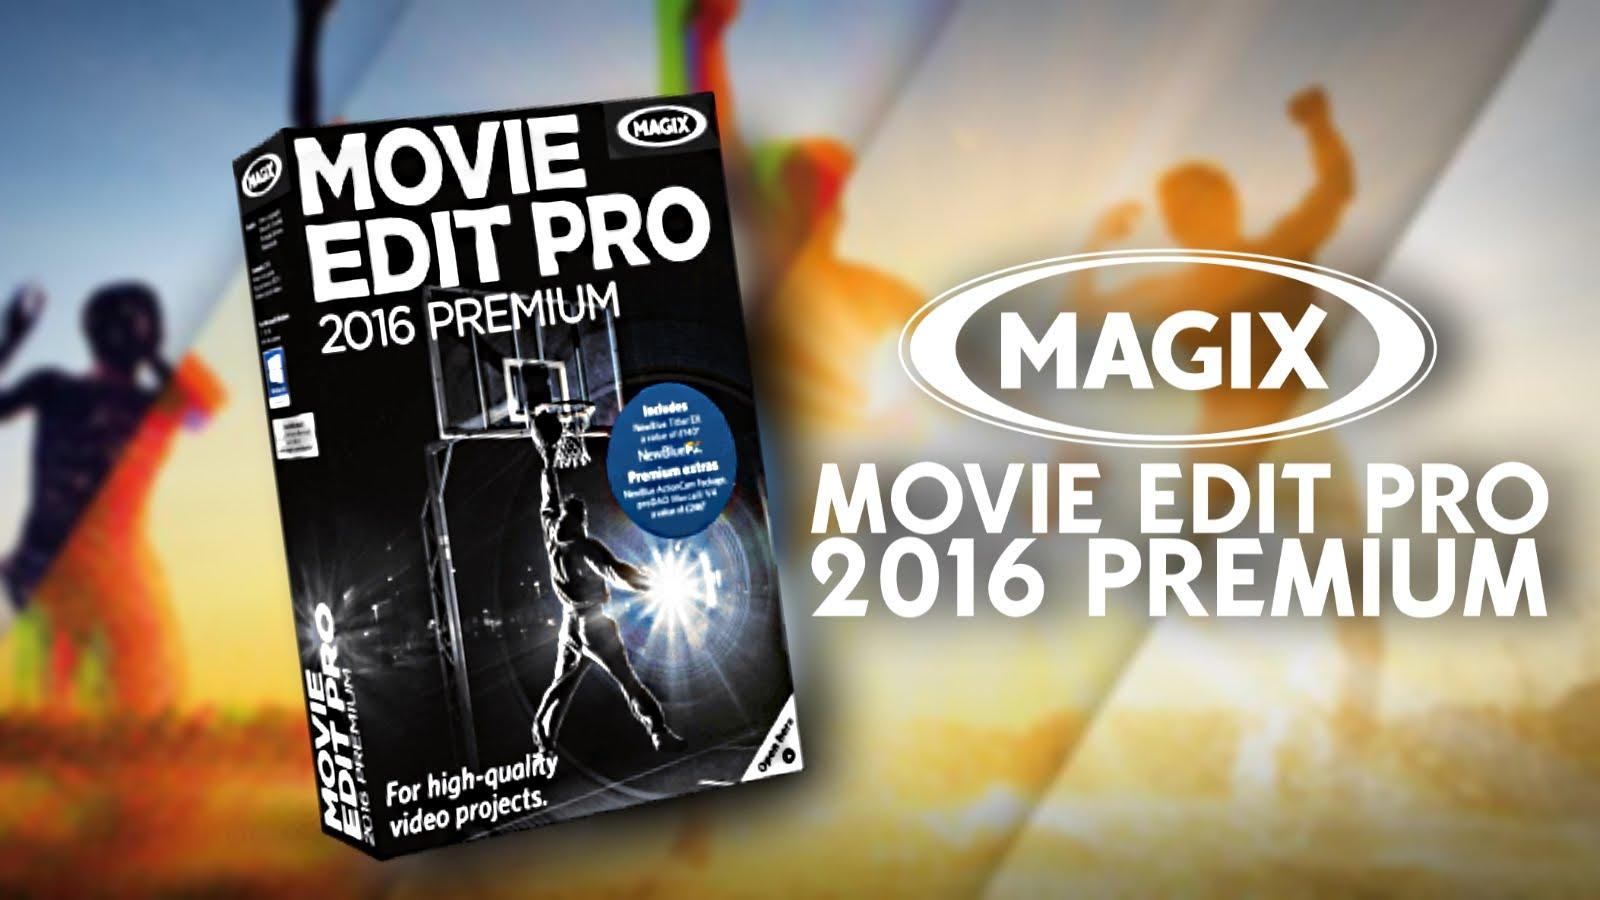 magix movie edit pro 2016 premium - Top 5 ứng dụng xử lý video trên máy tính tốt nhất 2016